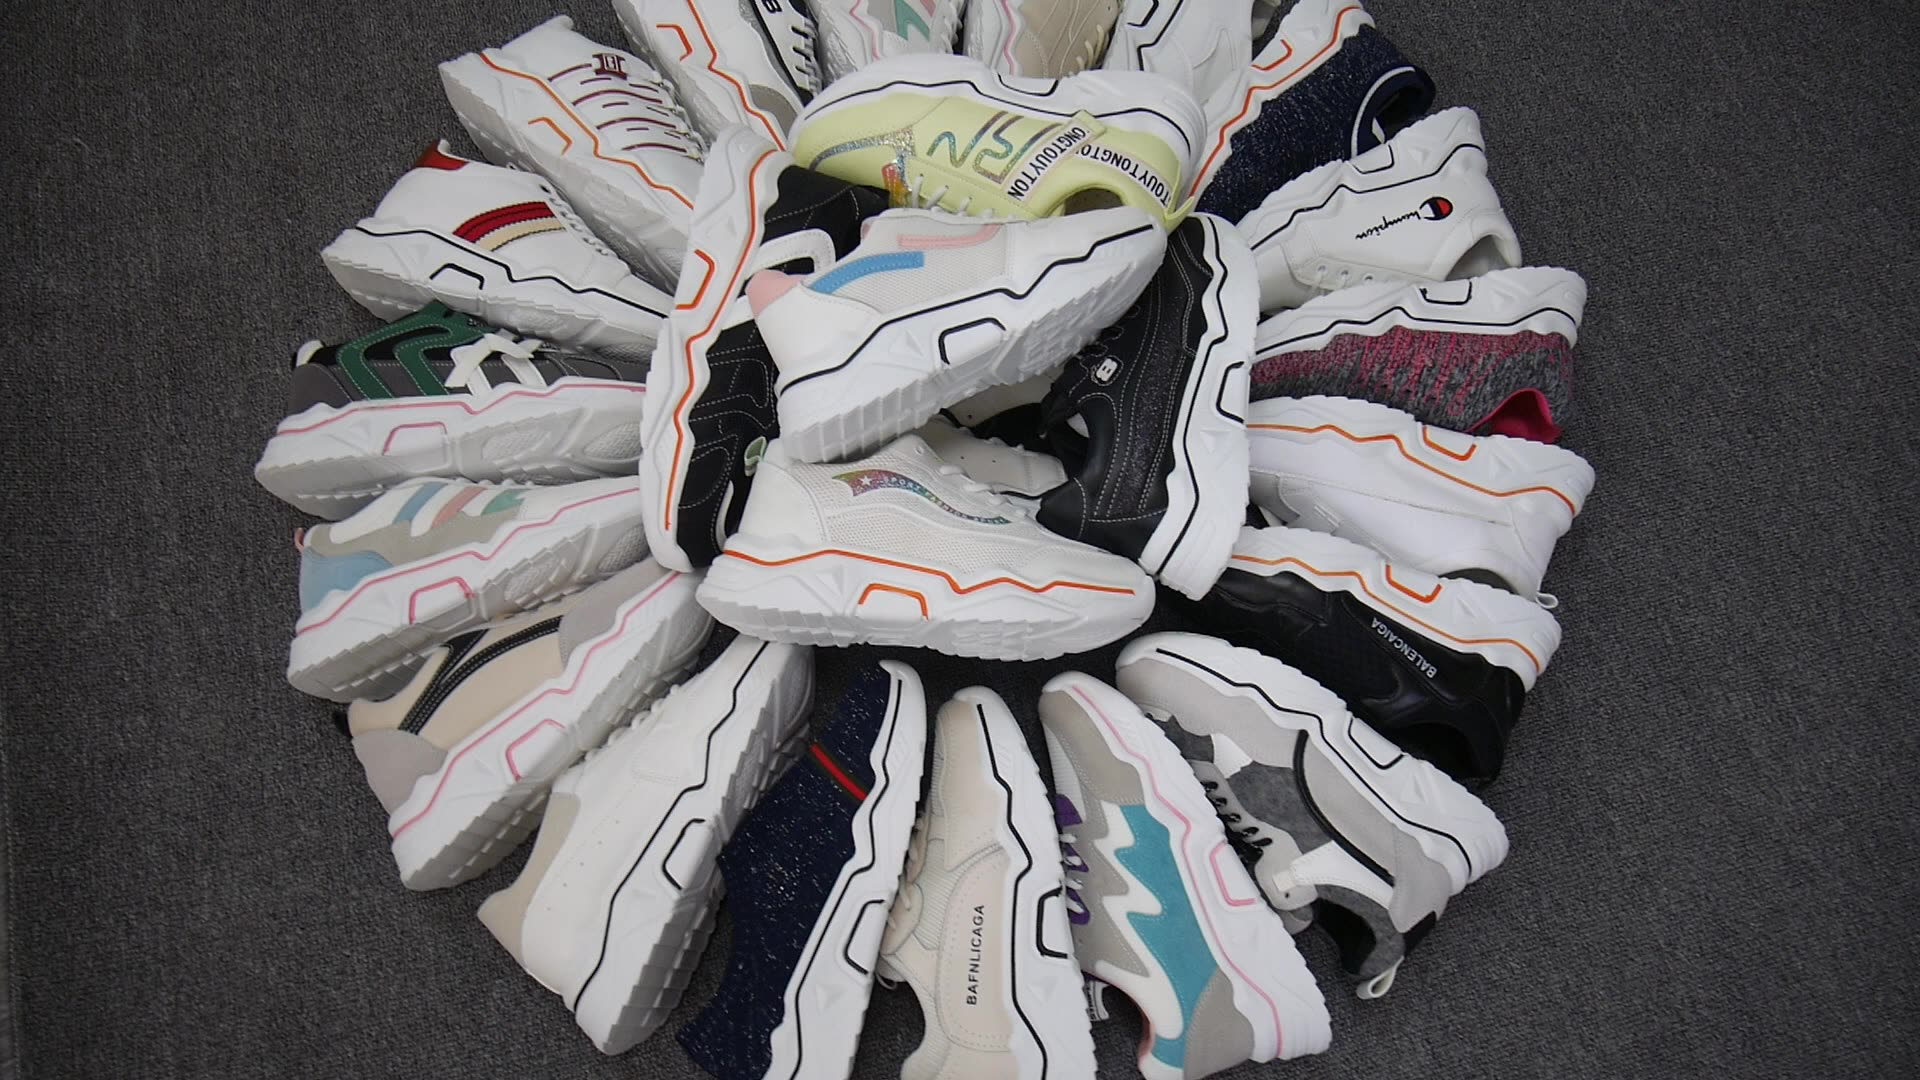 Хит продаж! Женские кроссовки высокого качества; Модная спортивная обувь на платформе; Женские запасы, Белые кеды zapatos para mujer